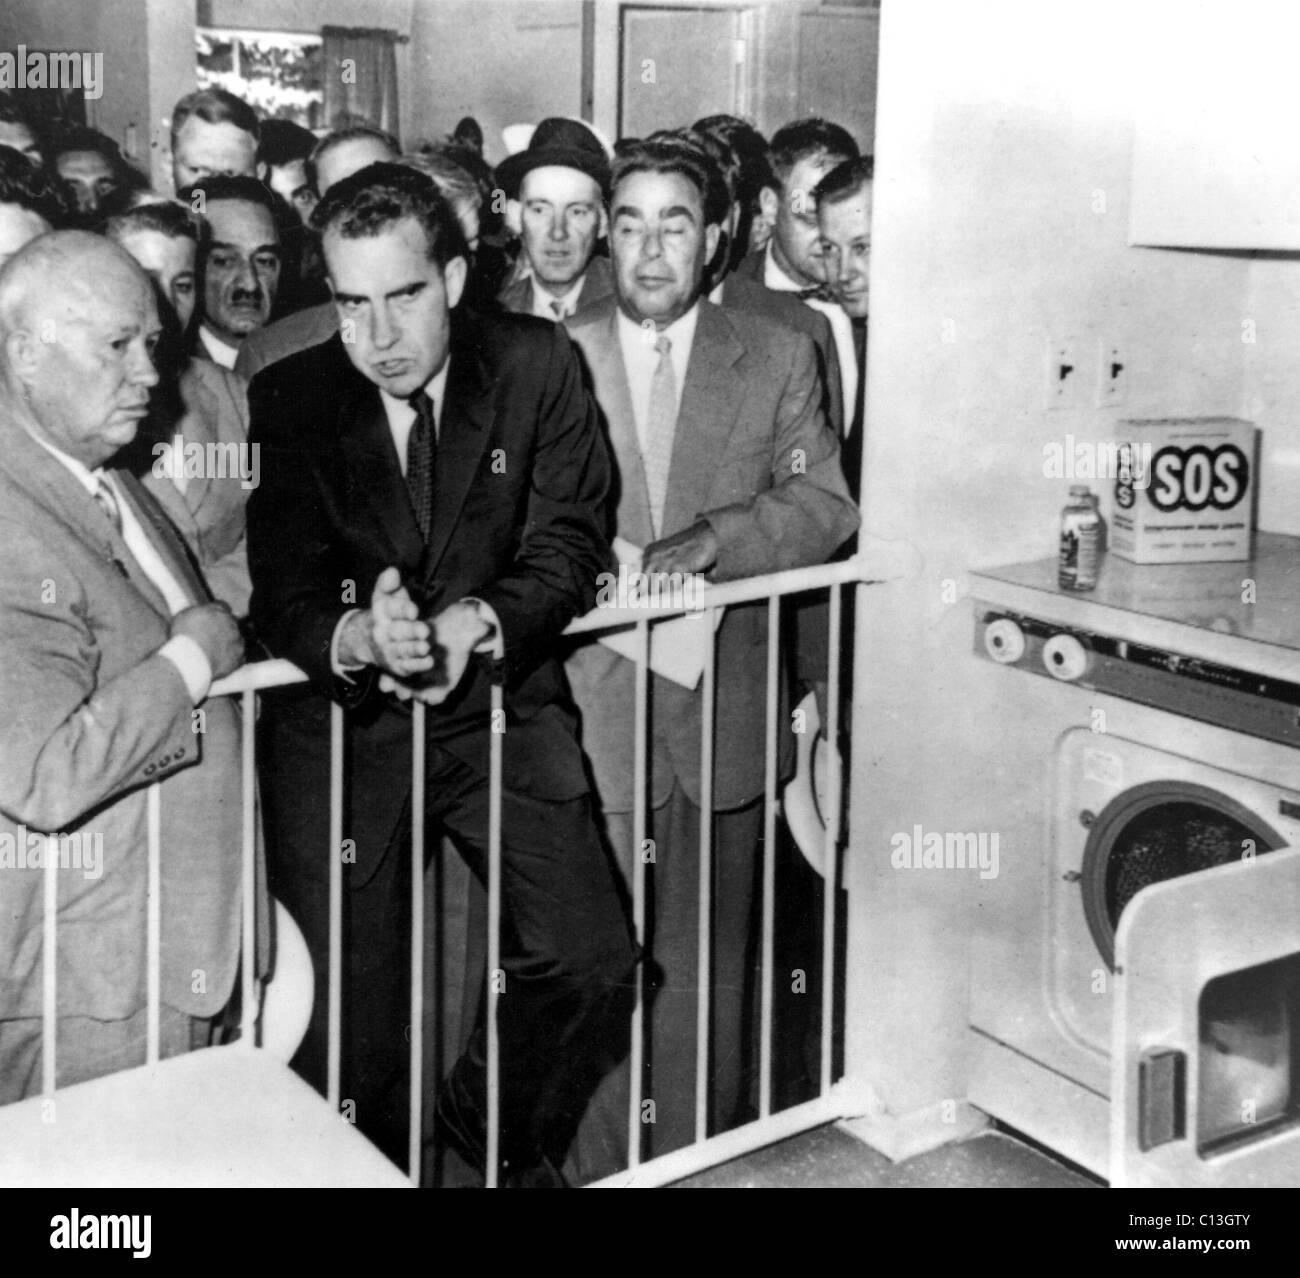 Nikita Khrushchev, Richard Nixon, Leonid Brezhnev during the ...